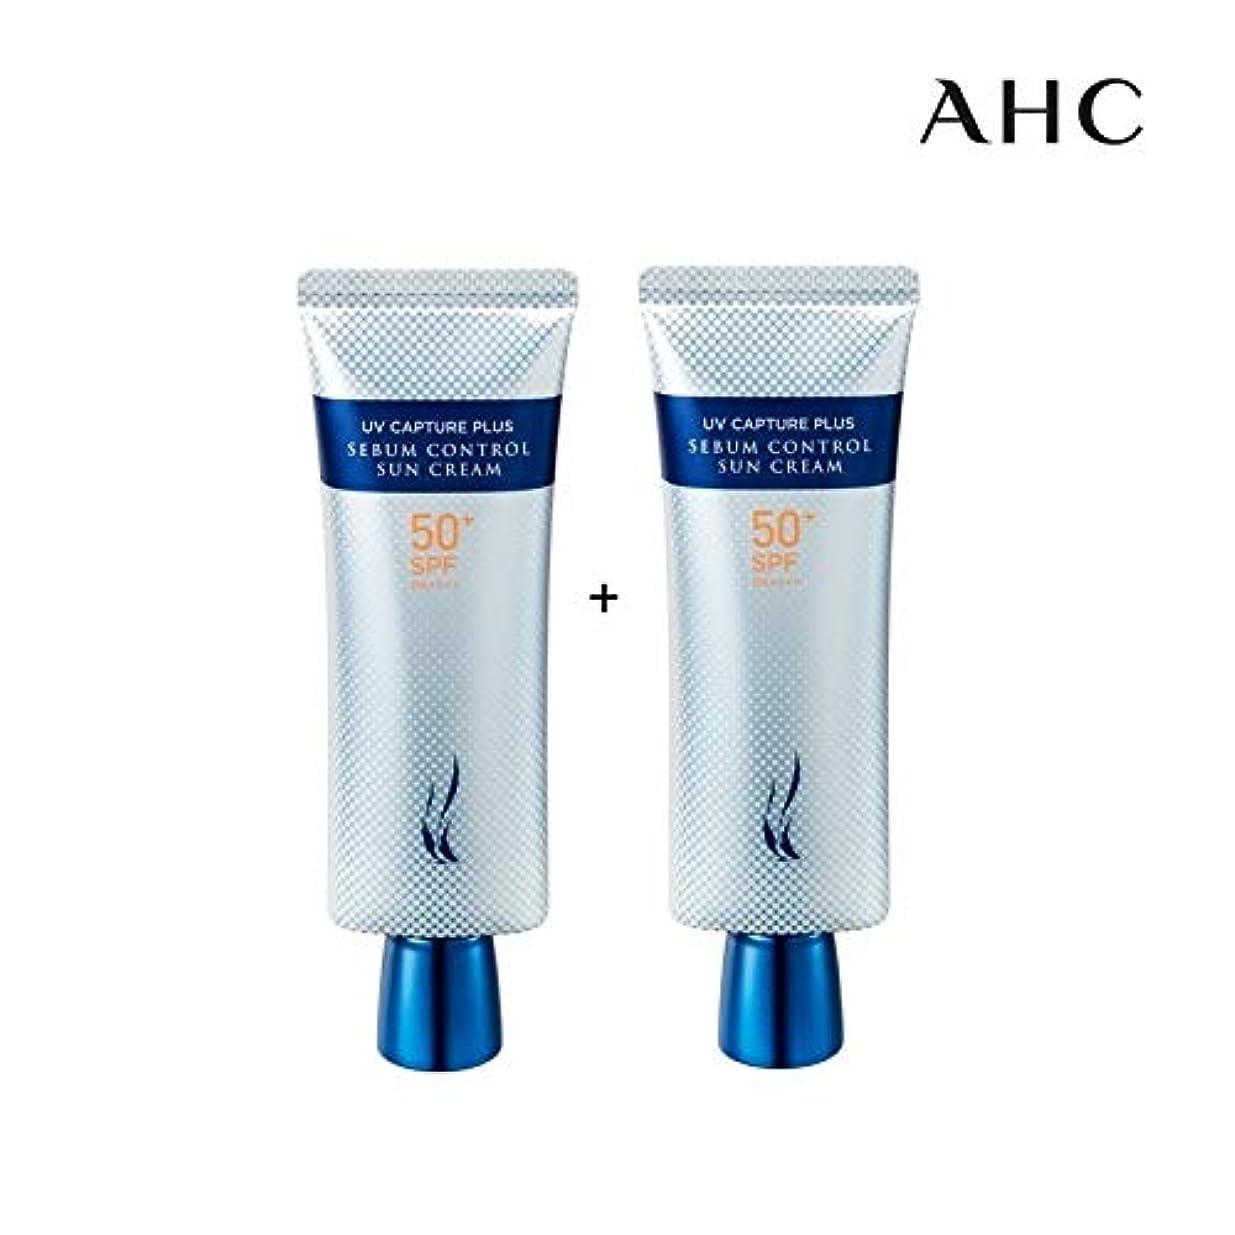 ドラフトインタフェース週末[1+1] [ギフト付き] AHC UV キャプチャー プラス シーバム コントロール サンクリーム SPF50+/PA++++ 50ml